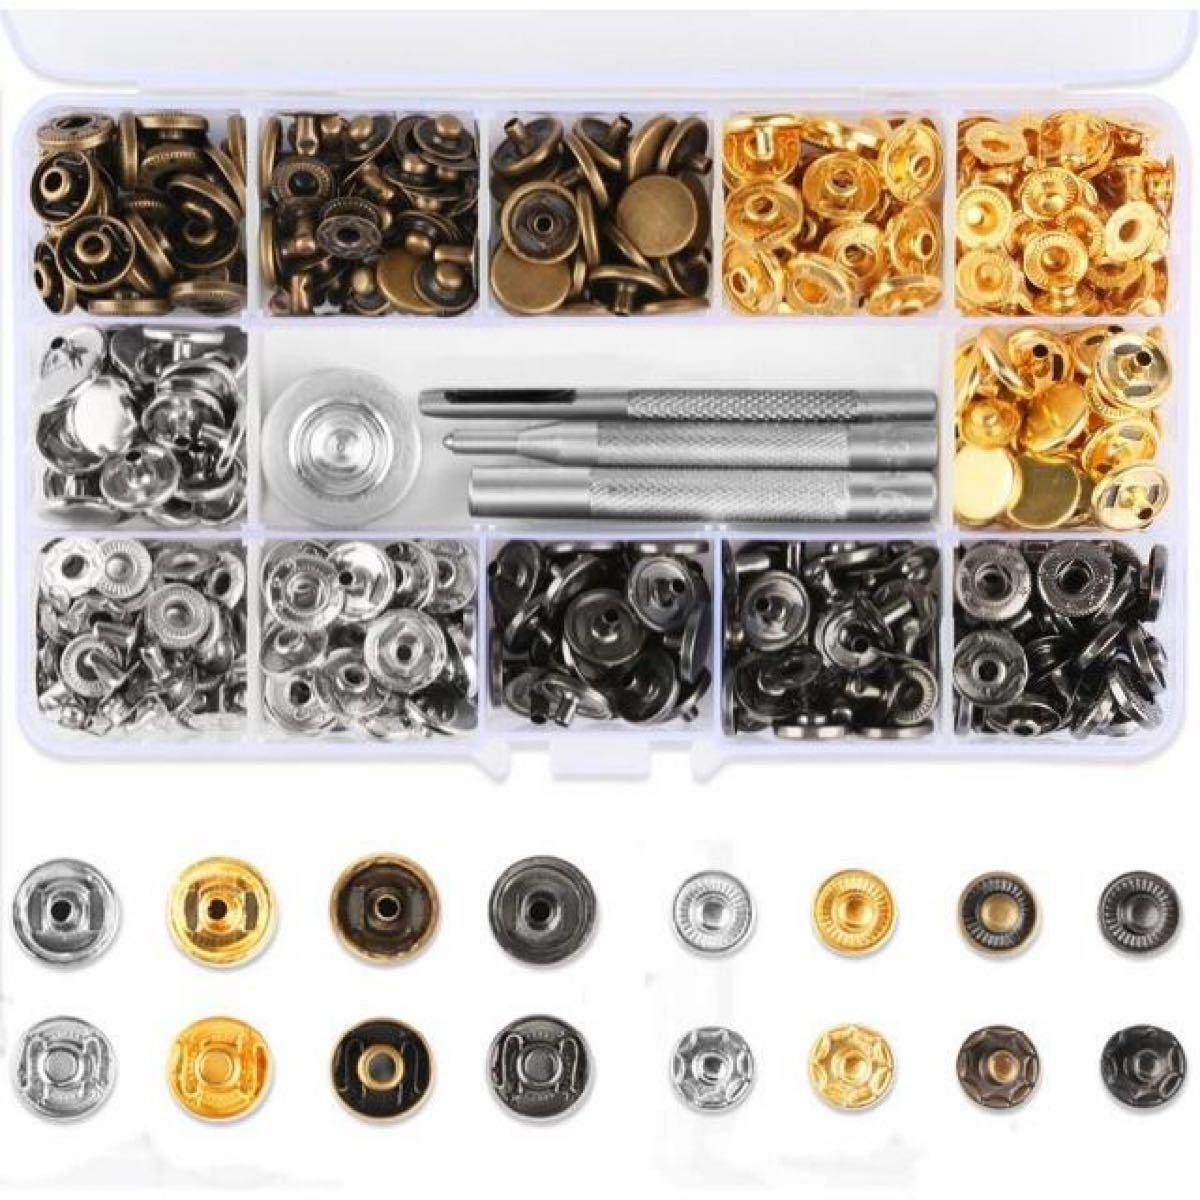 レザークラフト 工具 4種類 & ホック 4色 詰め合わせ ケース付 カシメセット 12mm ホック打ち工具 パーツ DIY